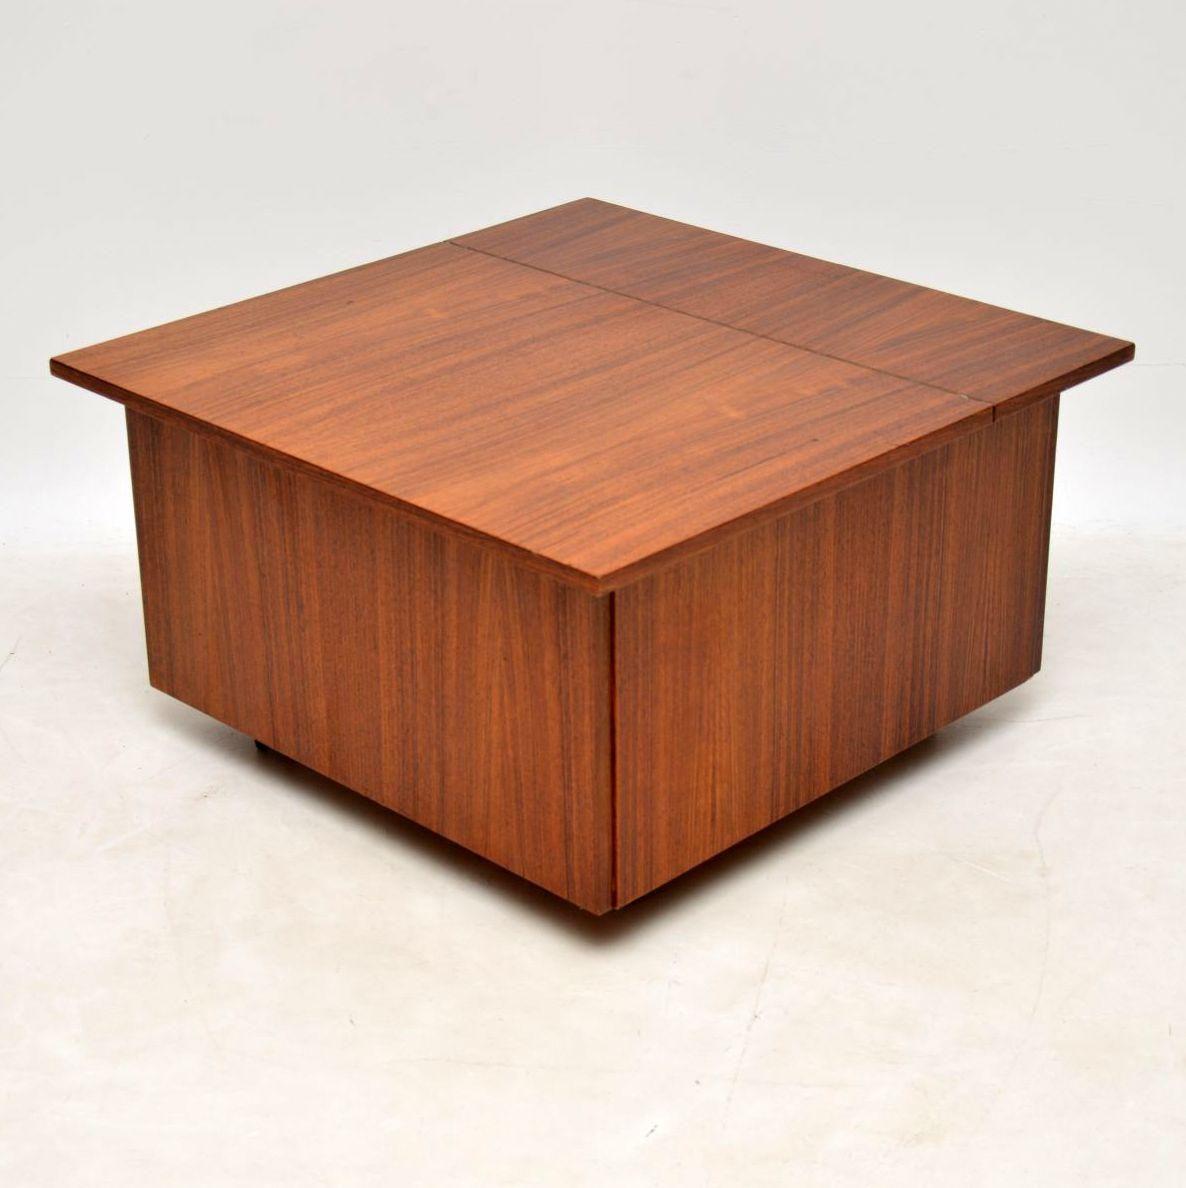 tischleuchte 5207 im tiffany stil creme gr n casa tapas neuwied. Black Bedroom Furniture Sets. Home Design Ideas